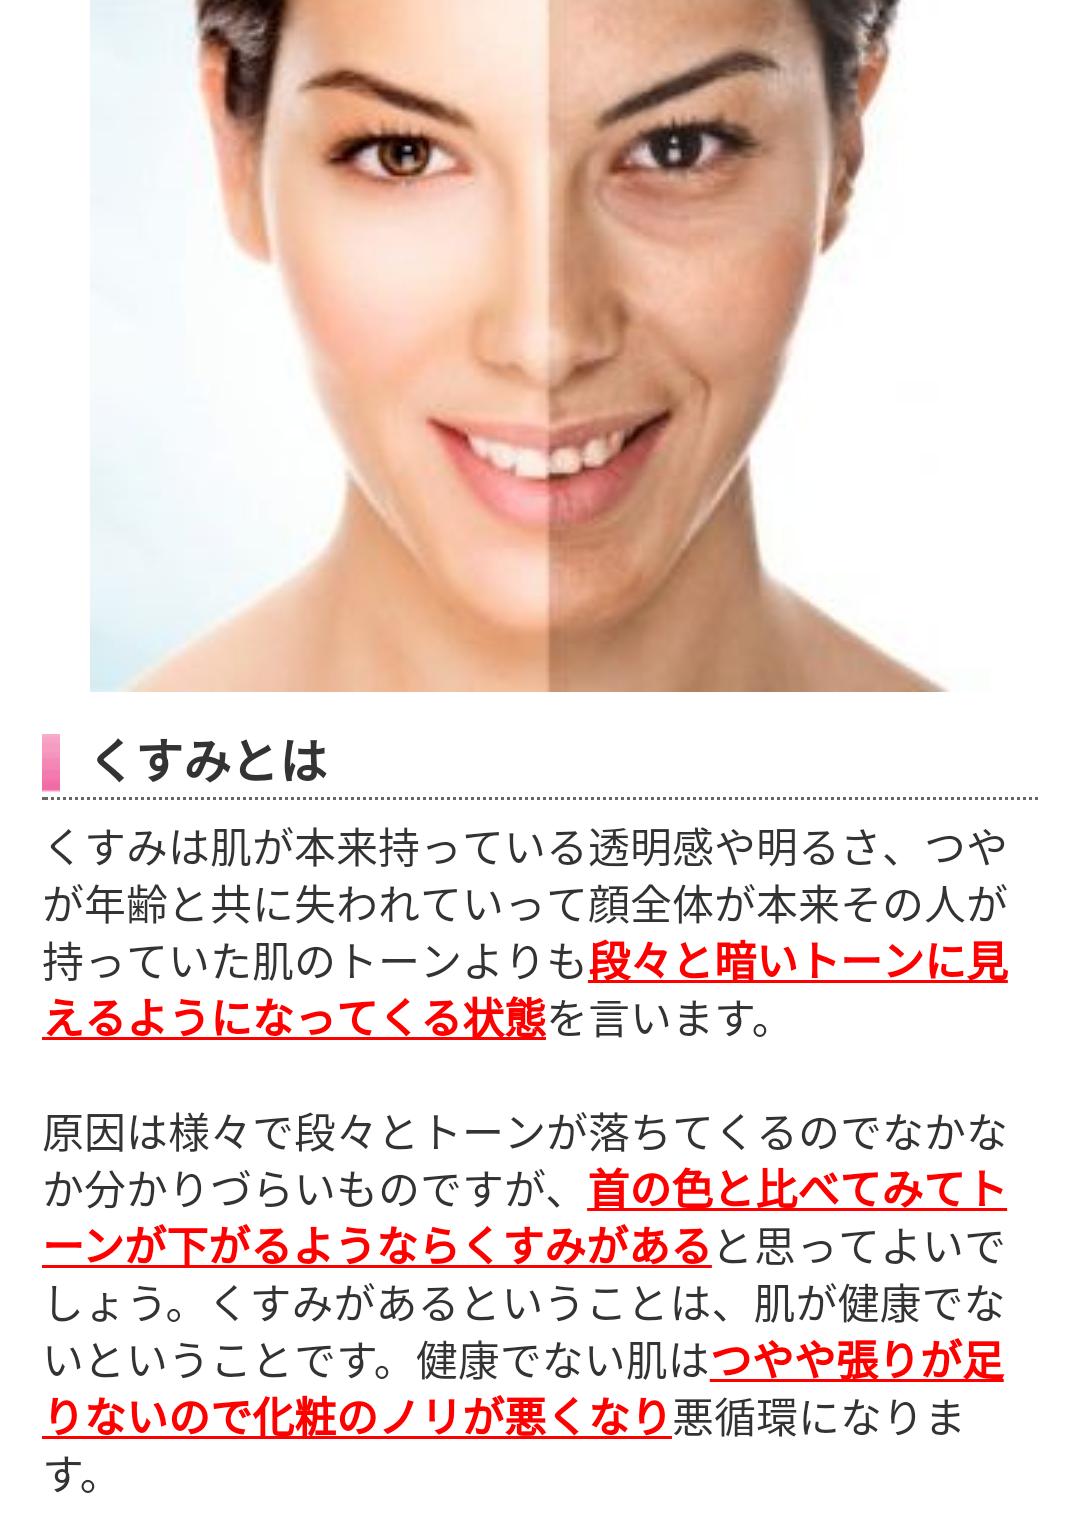 顔のくすみ改善